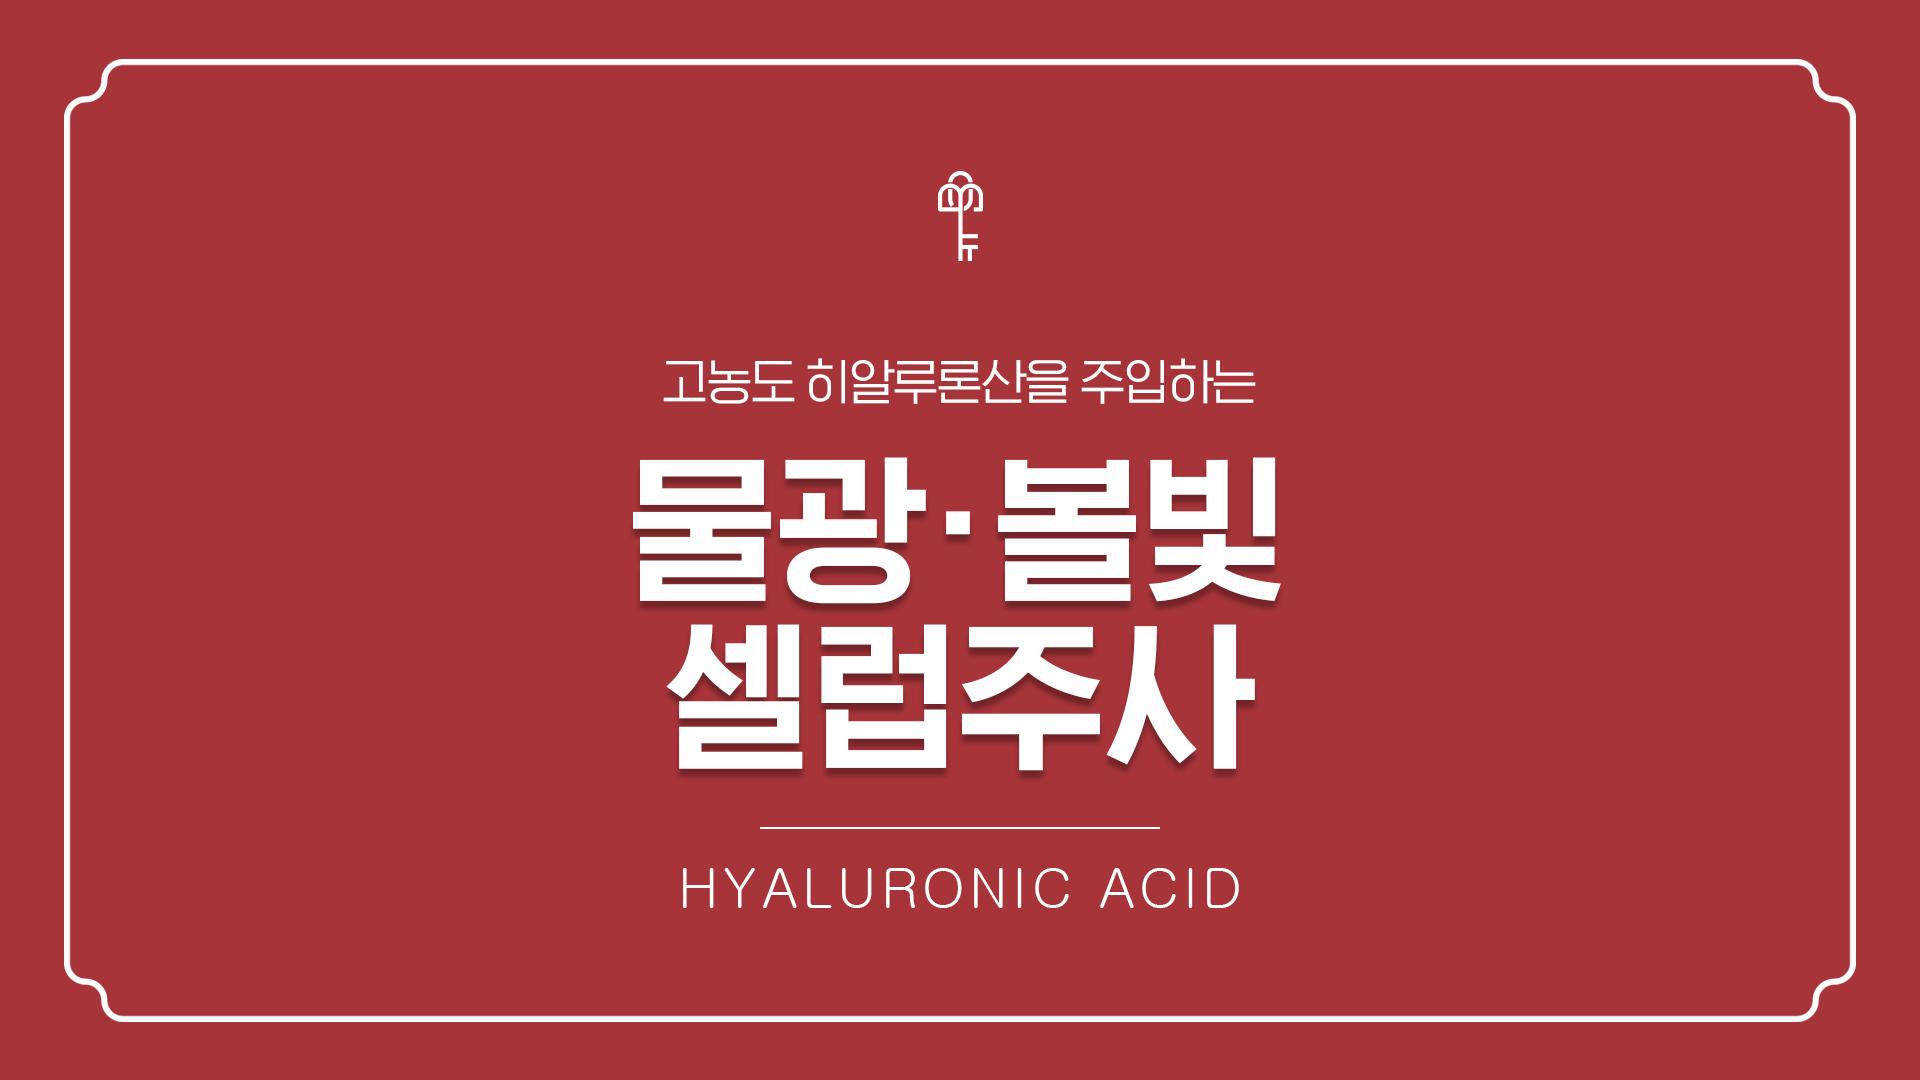 [앵콜특가]물광주사